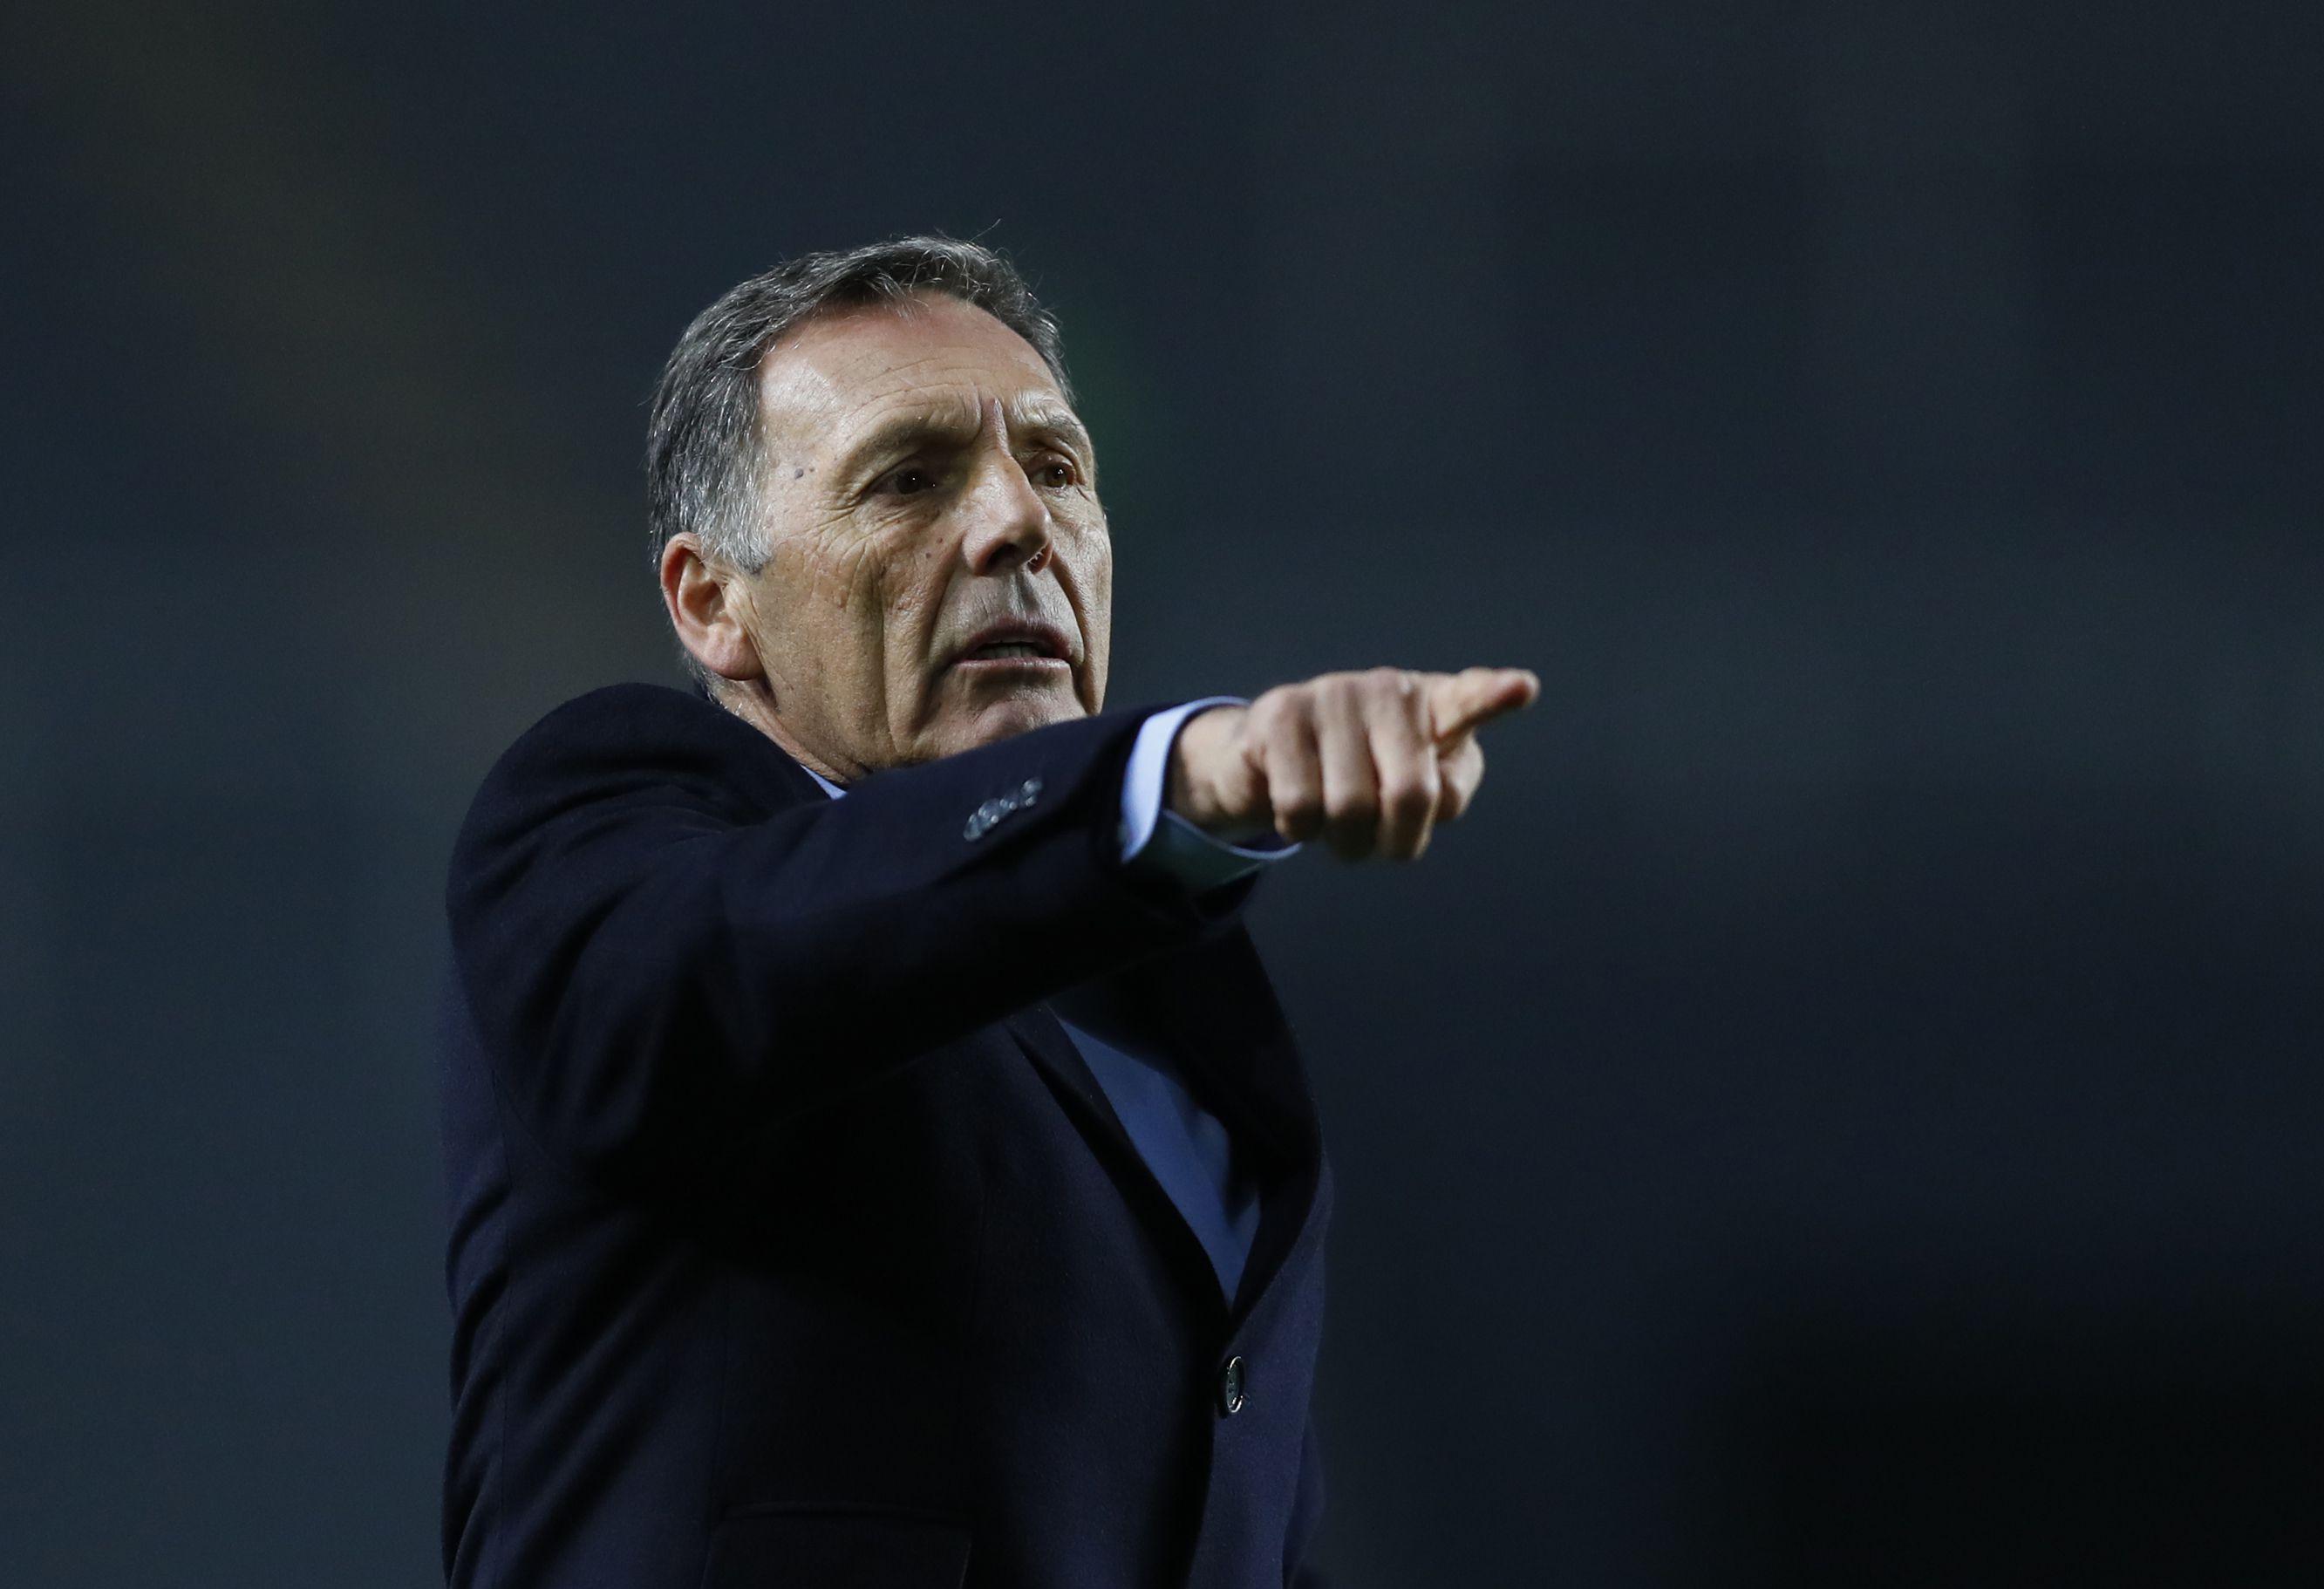 Miguel Ángel Russo, como entrenador, ganó tres definiciones por penales contra River Plate: dos con Boca Juniors y una con Rosario Central (REUTERS/Agustin Marcarian)